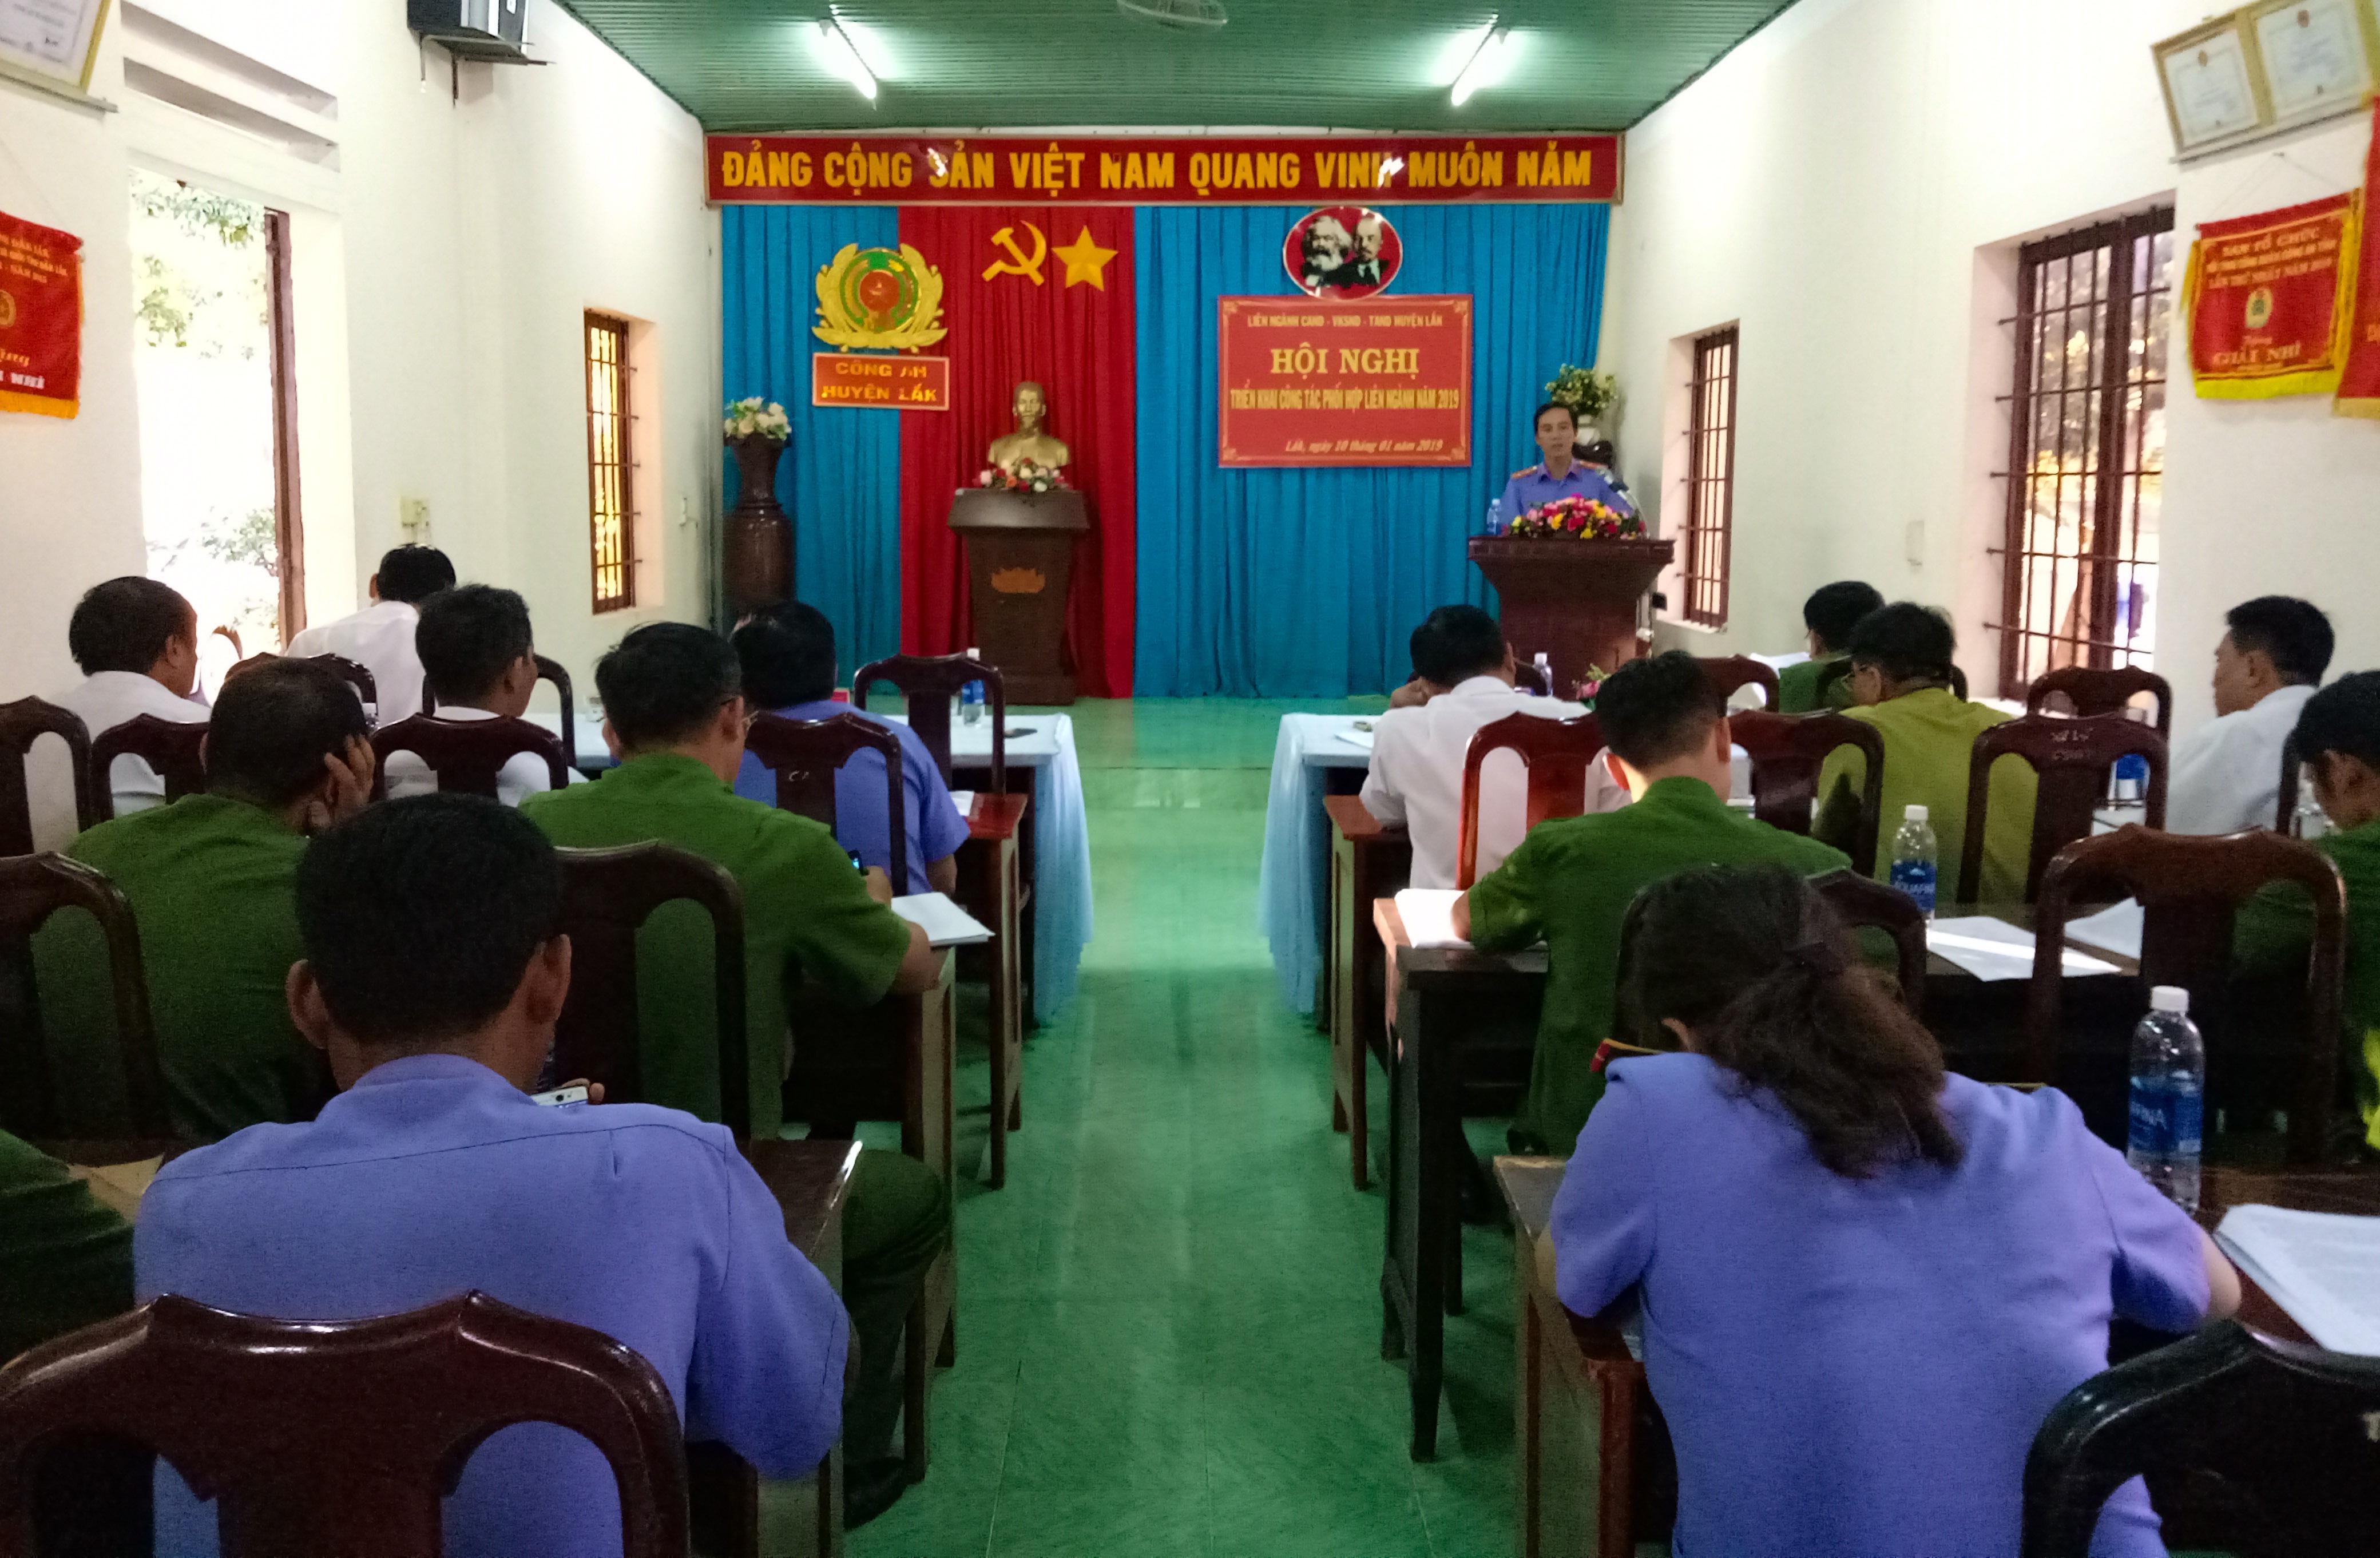 Hội nghị tổng kết công tác phối hợp liên ngành Công an- Viện KSND - TAND huyện Lắk năm 2018